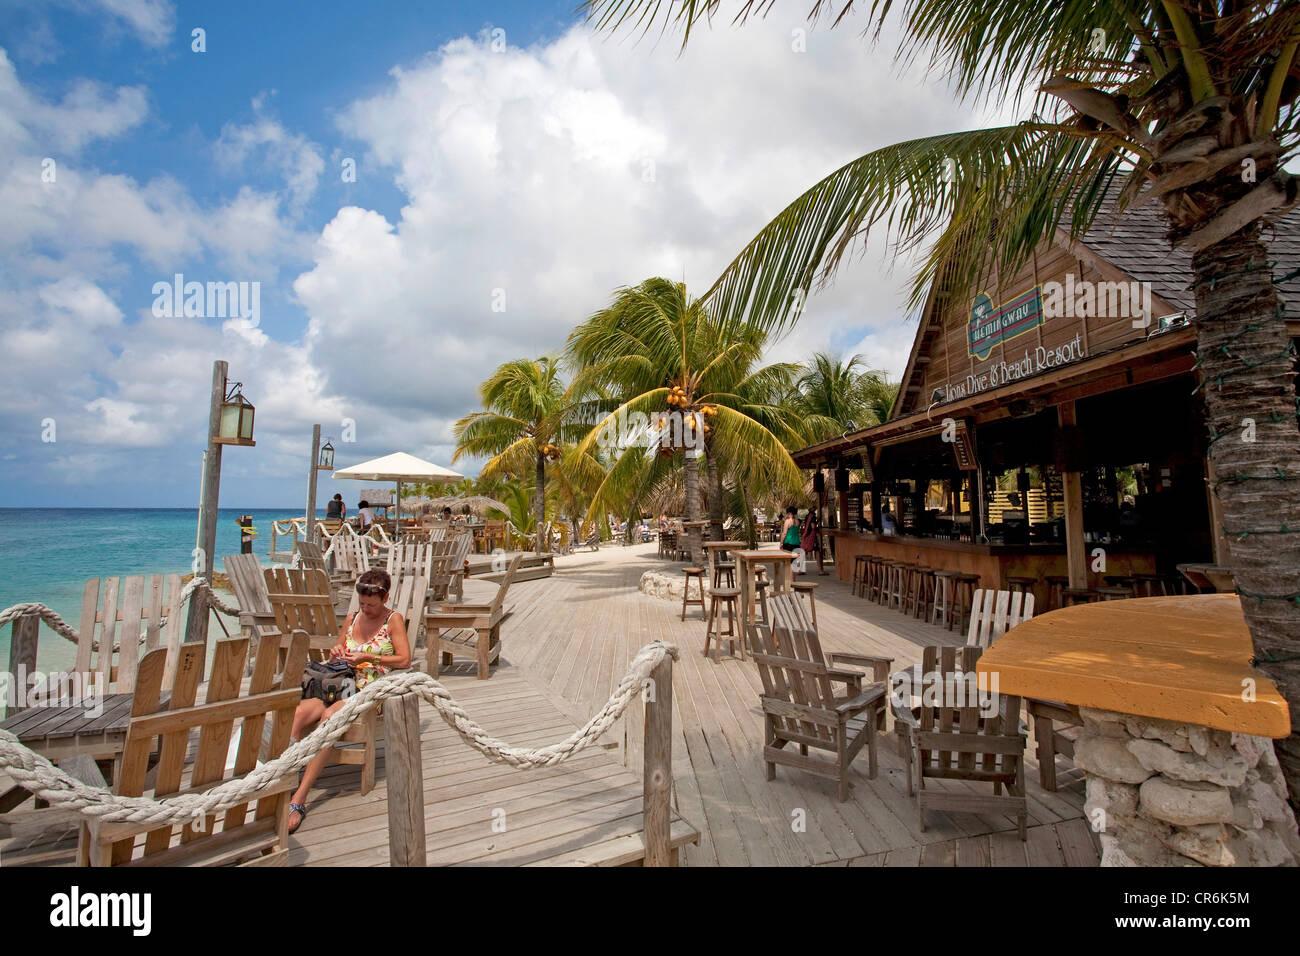 Beach bar lions dive resort curacao former netherlands - Sanom beach dive resort ...